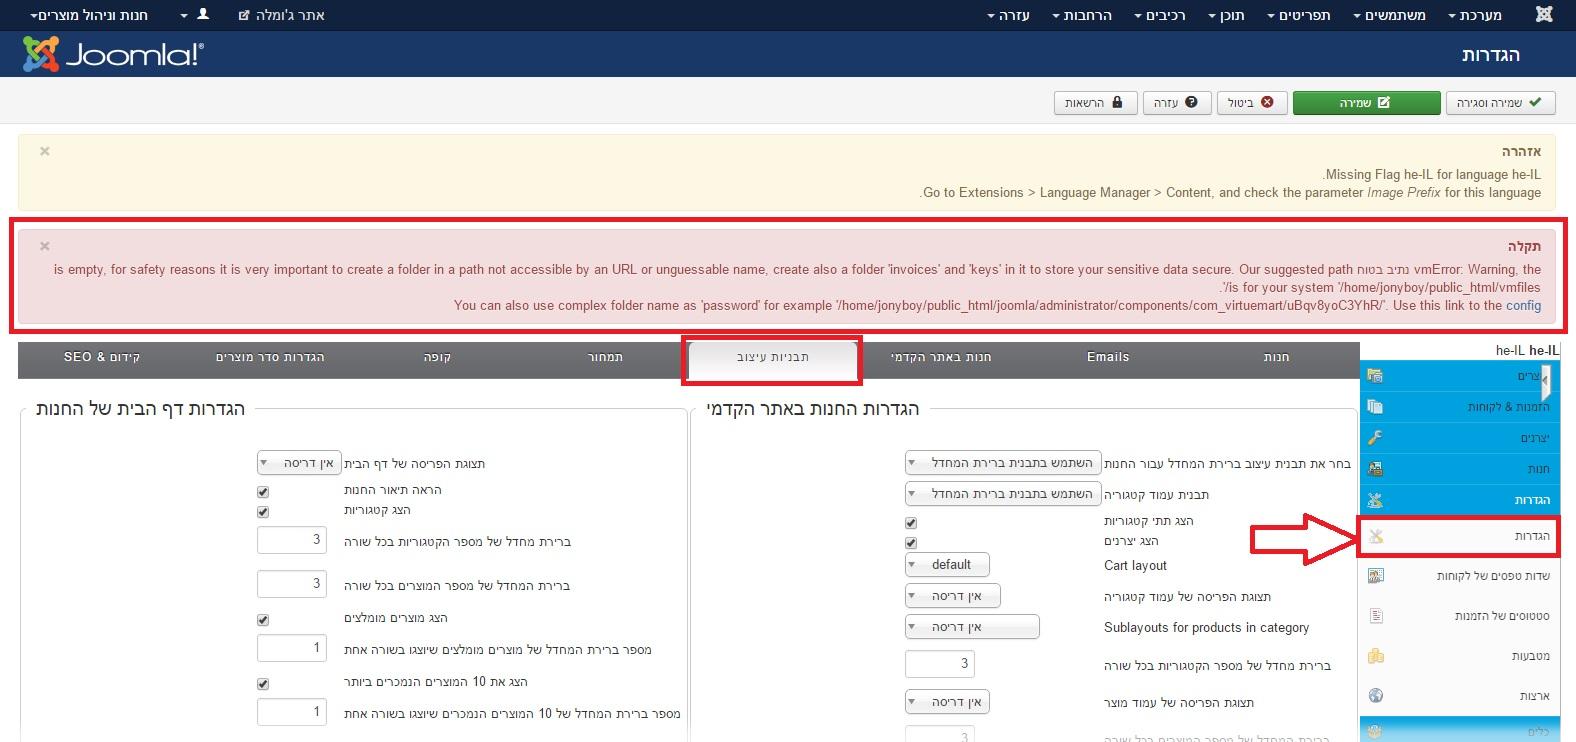 התקנת Virtuemart 3 בעברית